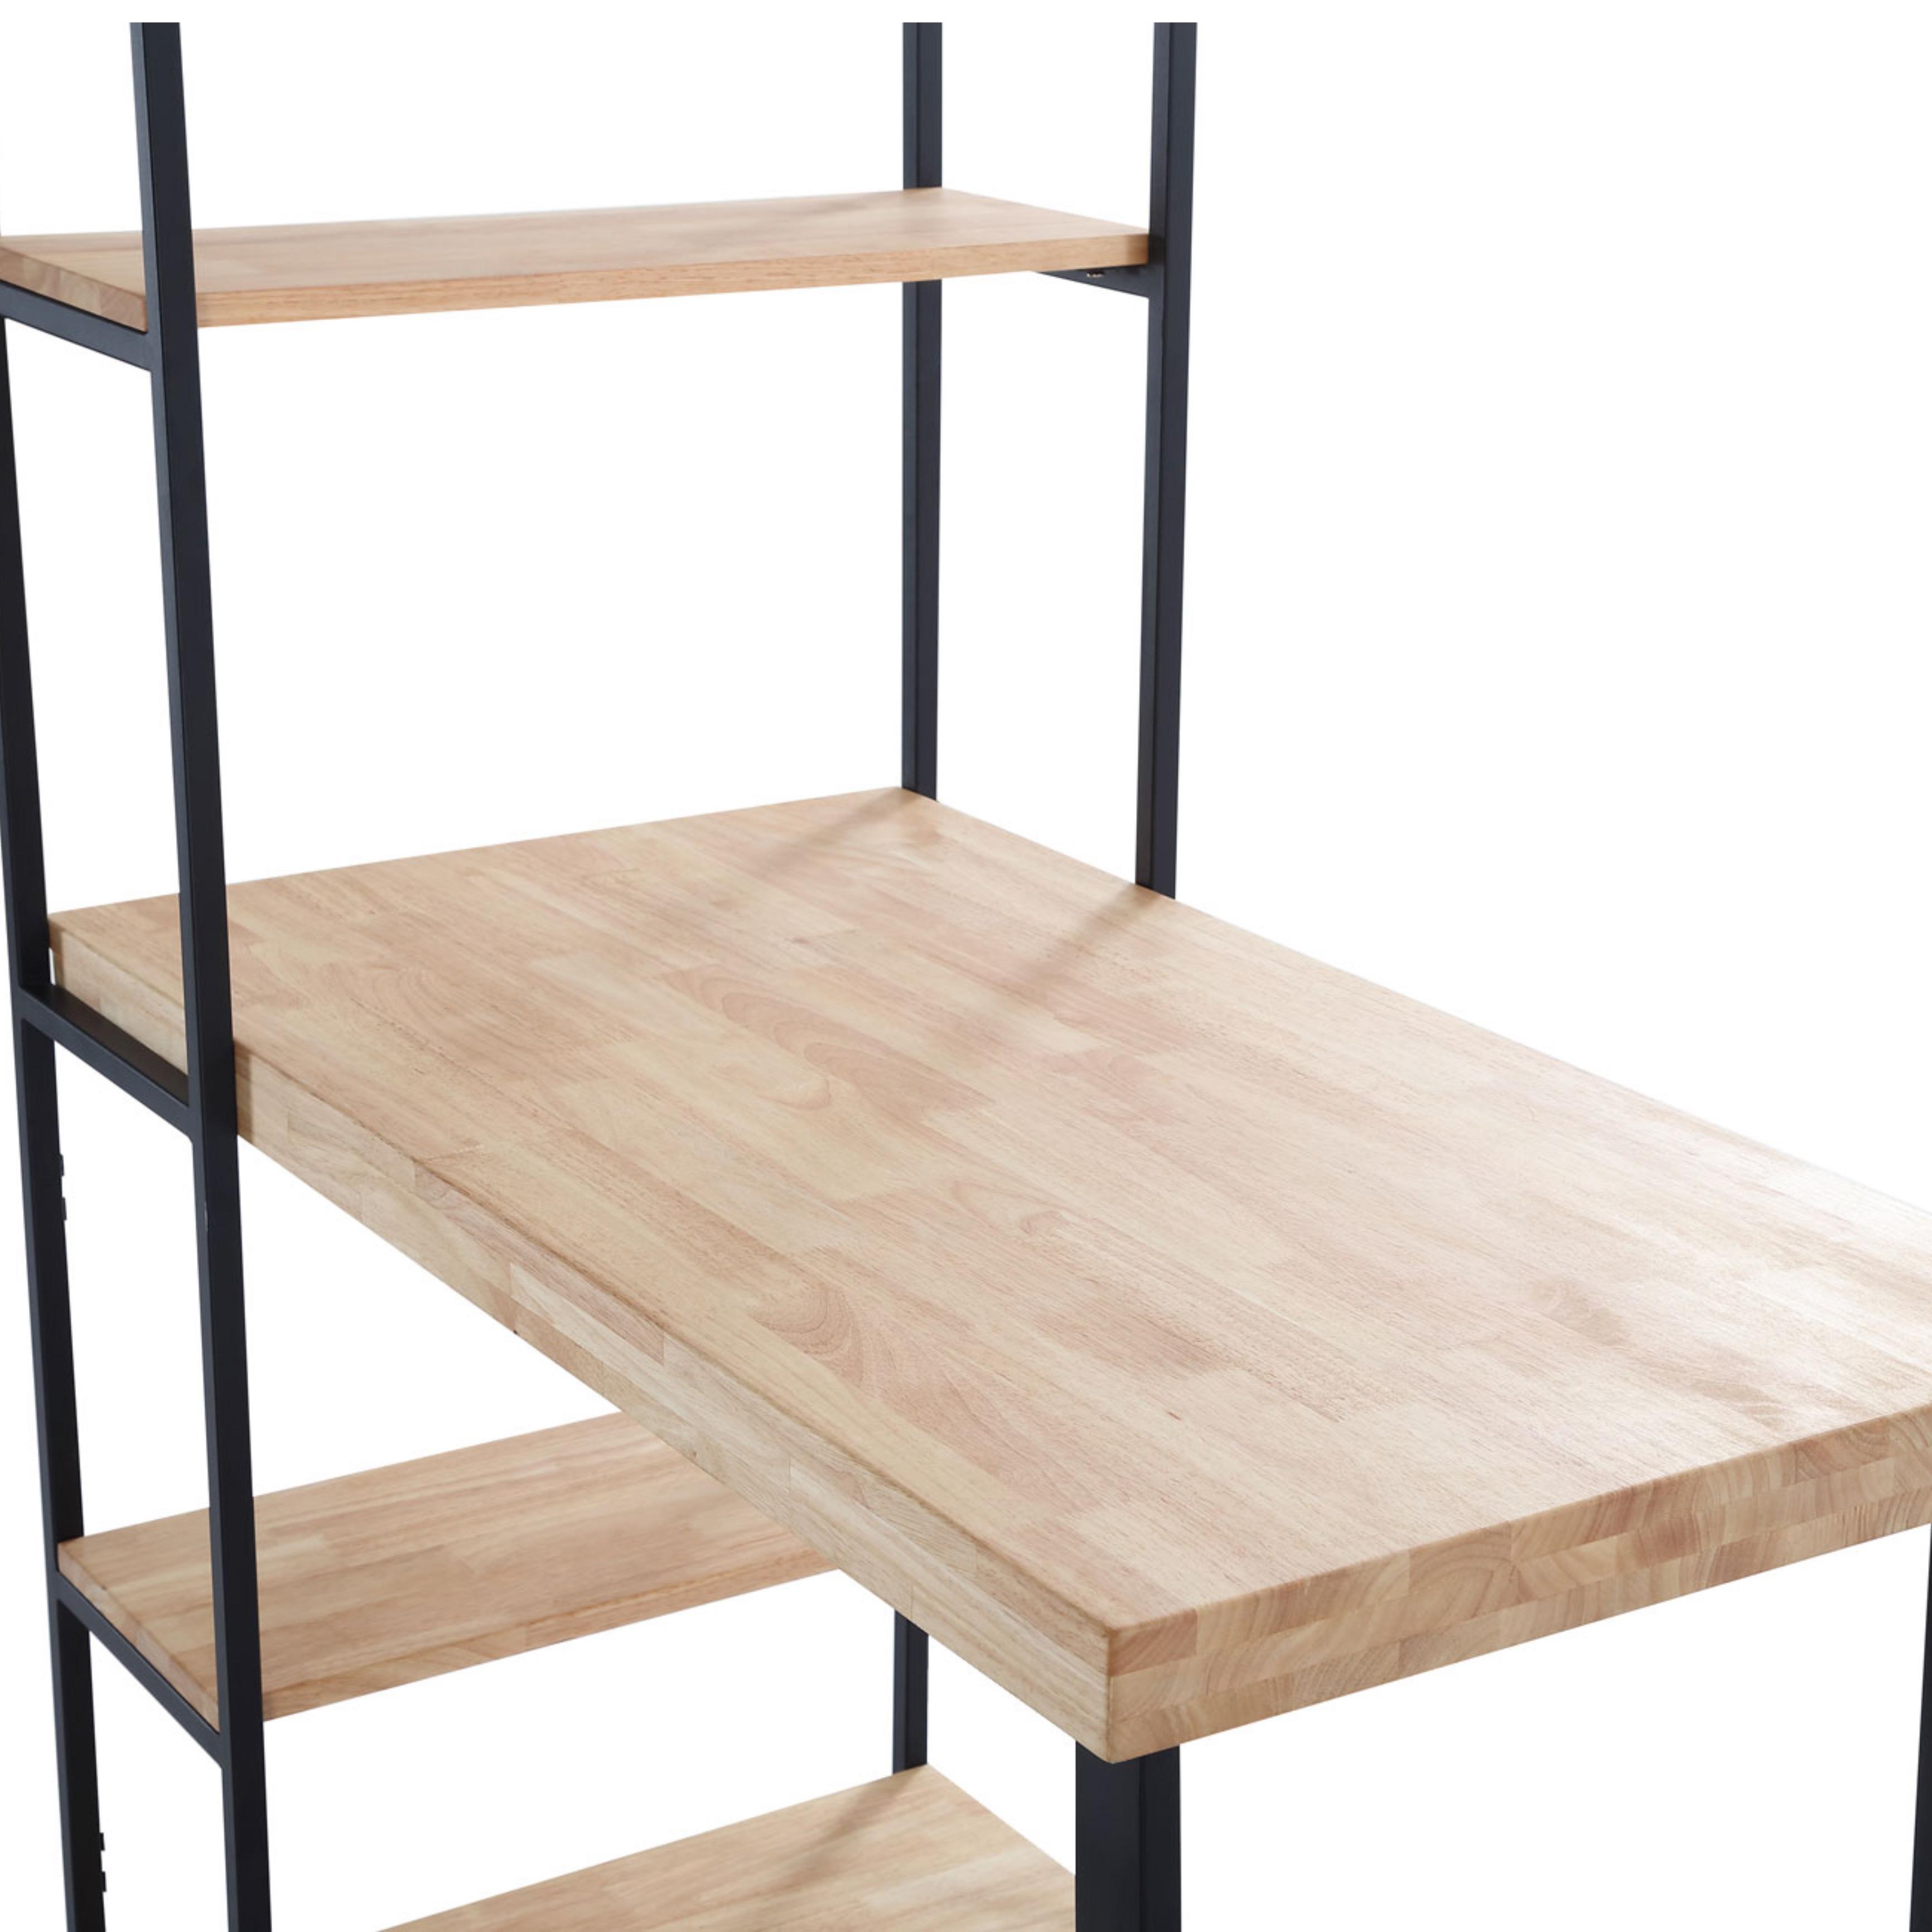 29573-escritorio-estanteria-roble-nordish-1.jpeg